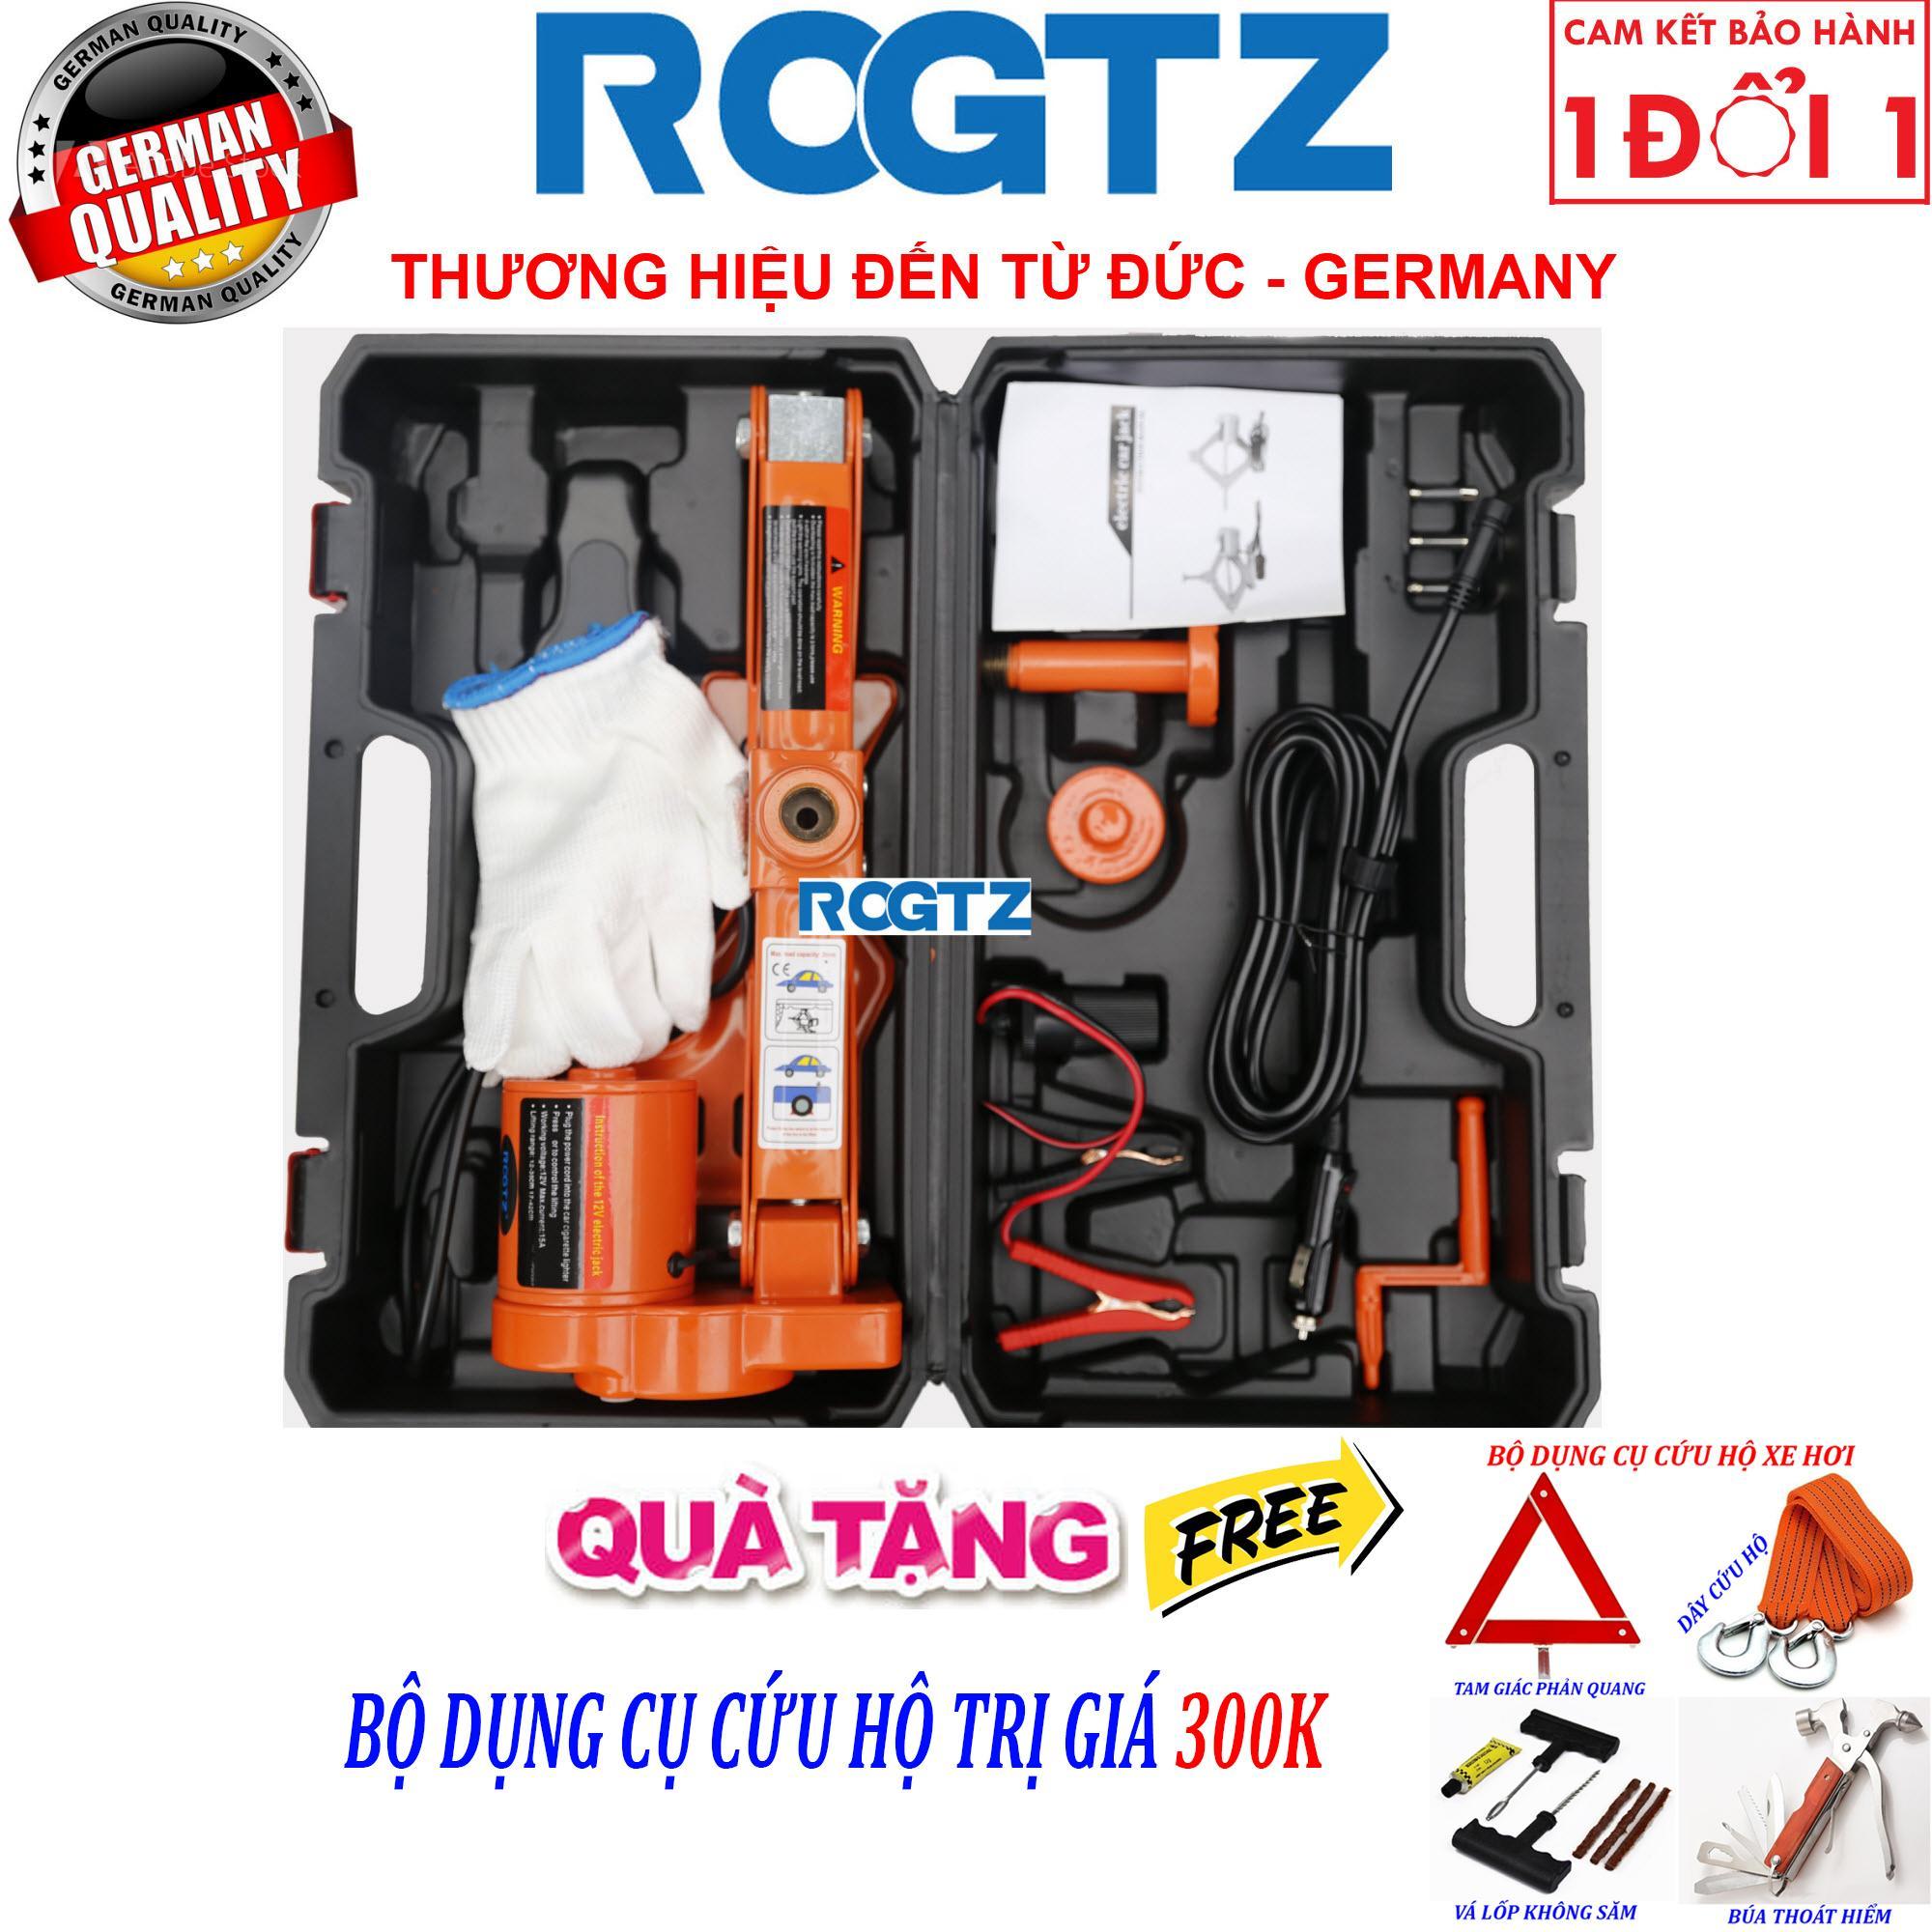 (ROGTZ - Thương hiệu đến từ Đức) Bộ kích nâng gầm xe chạy điện 12v - Con Đội Kích Lốp Nâng Gầm Xe Bằng Điện 12 Vol - Bộ kích gầm ô tô 12V - Con Đội Điện Nâng Gầm xe hơi